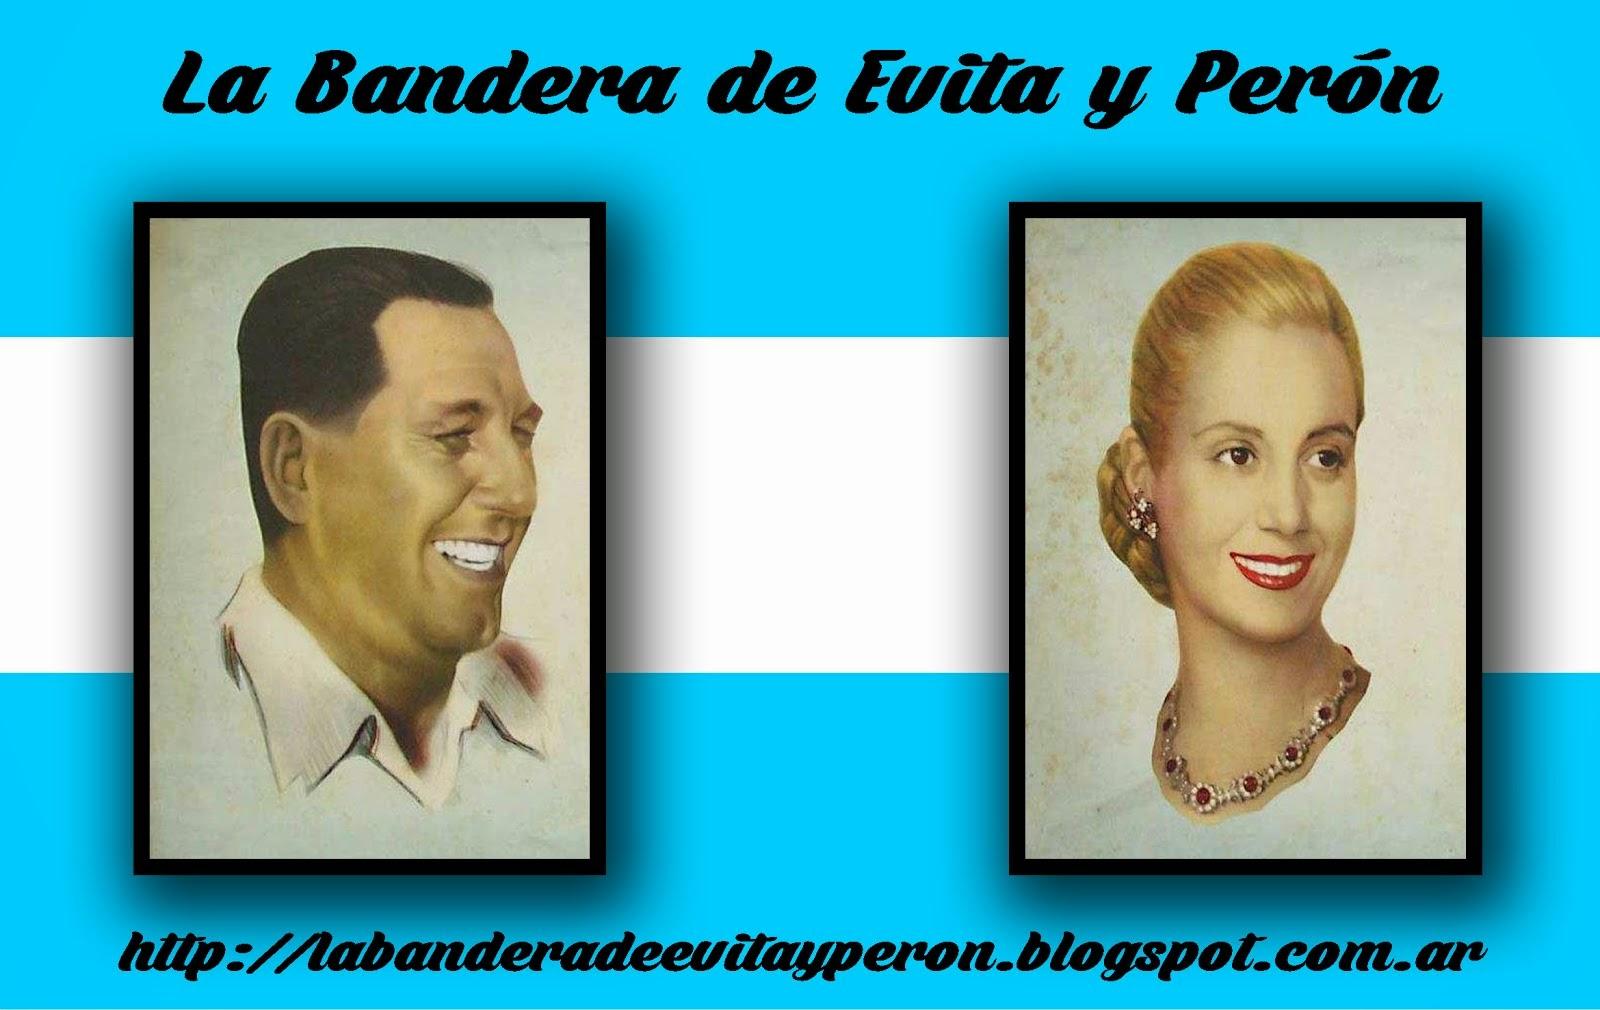 La Bandera de Evita y Perón